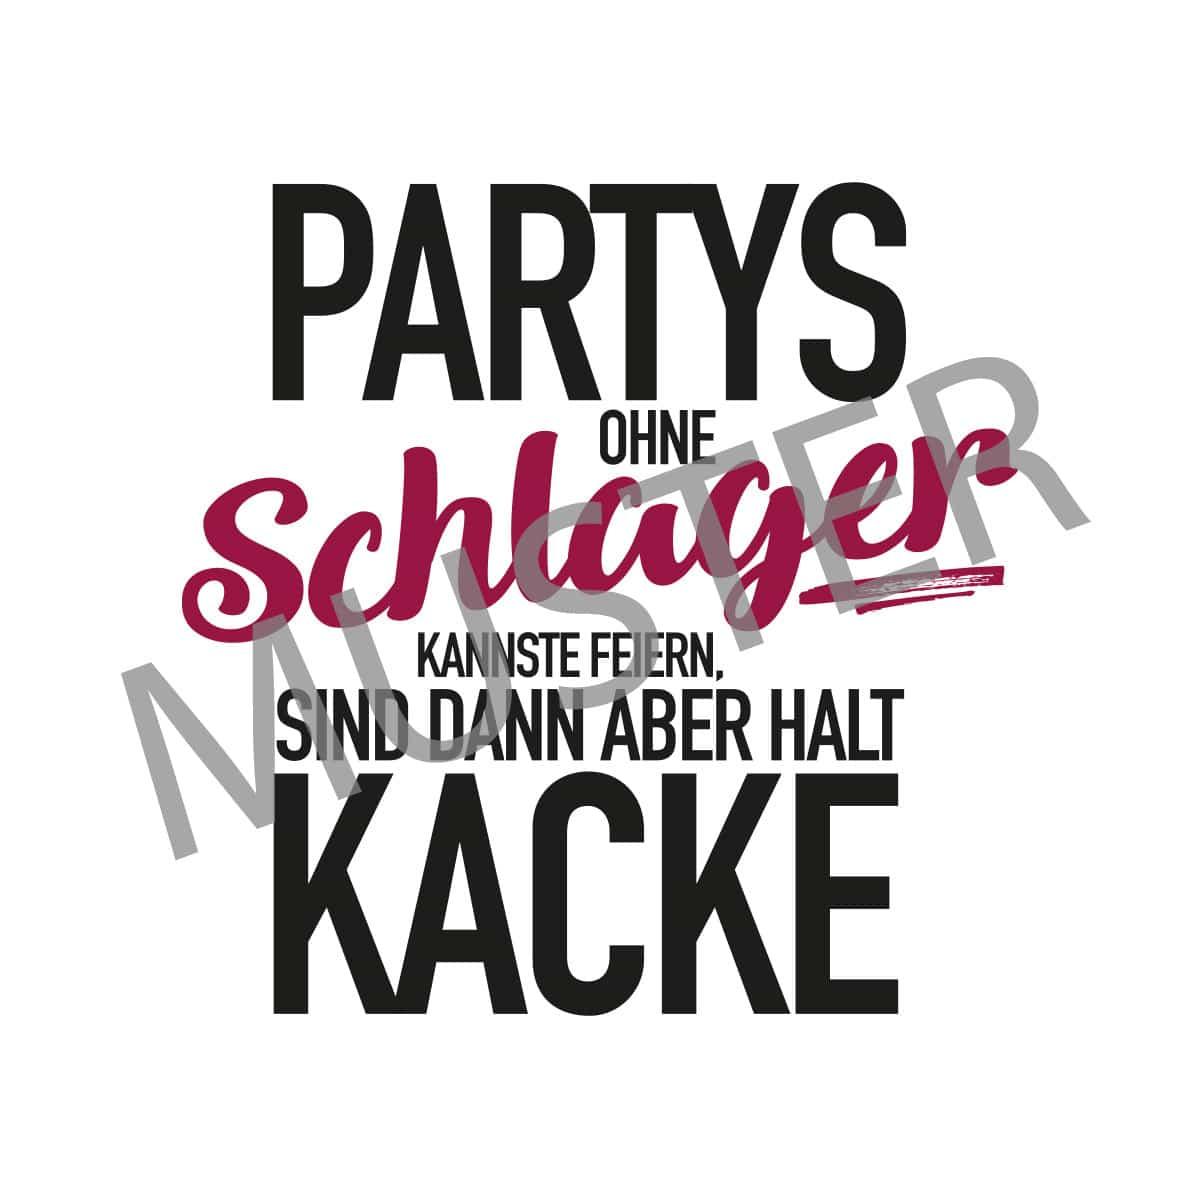 schlagerfans-partys-ohne-schlager-logo-nur-druck